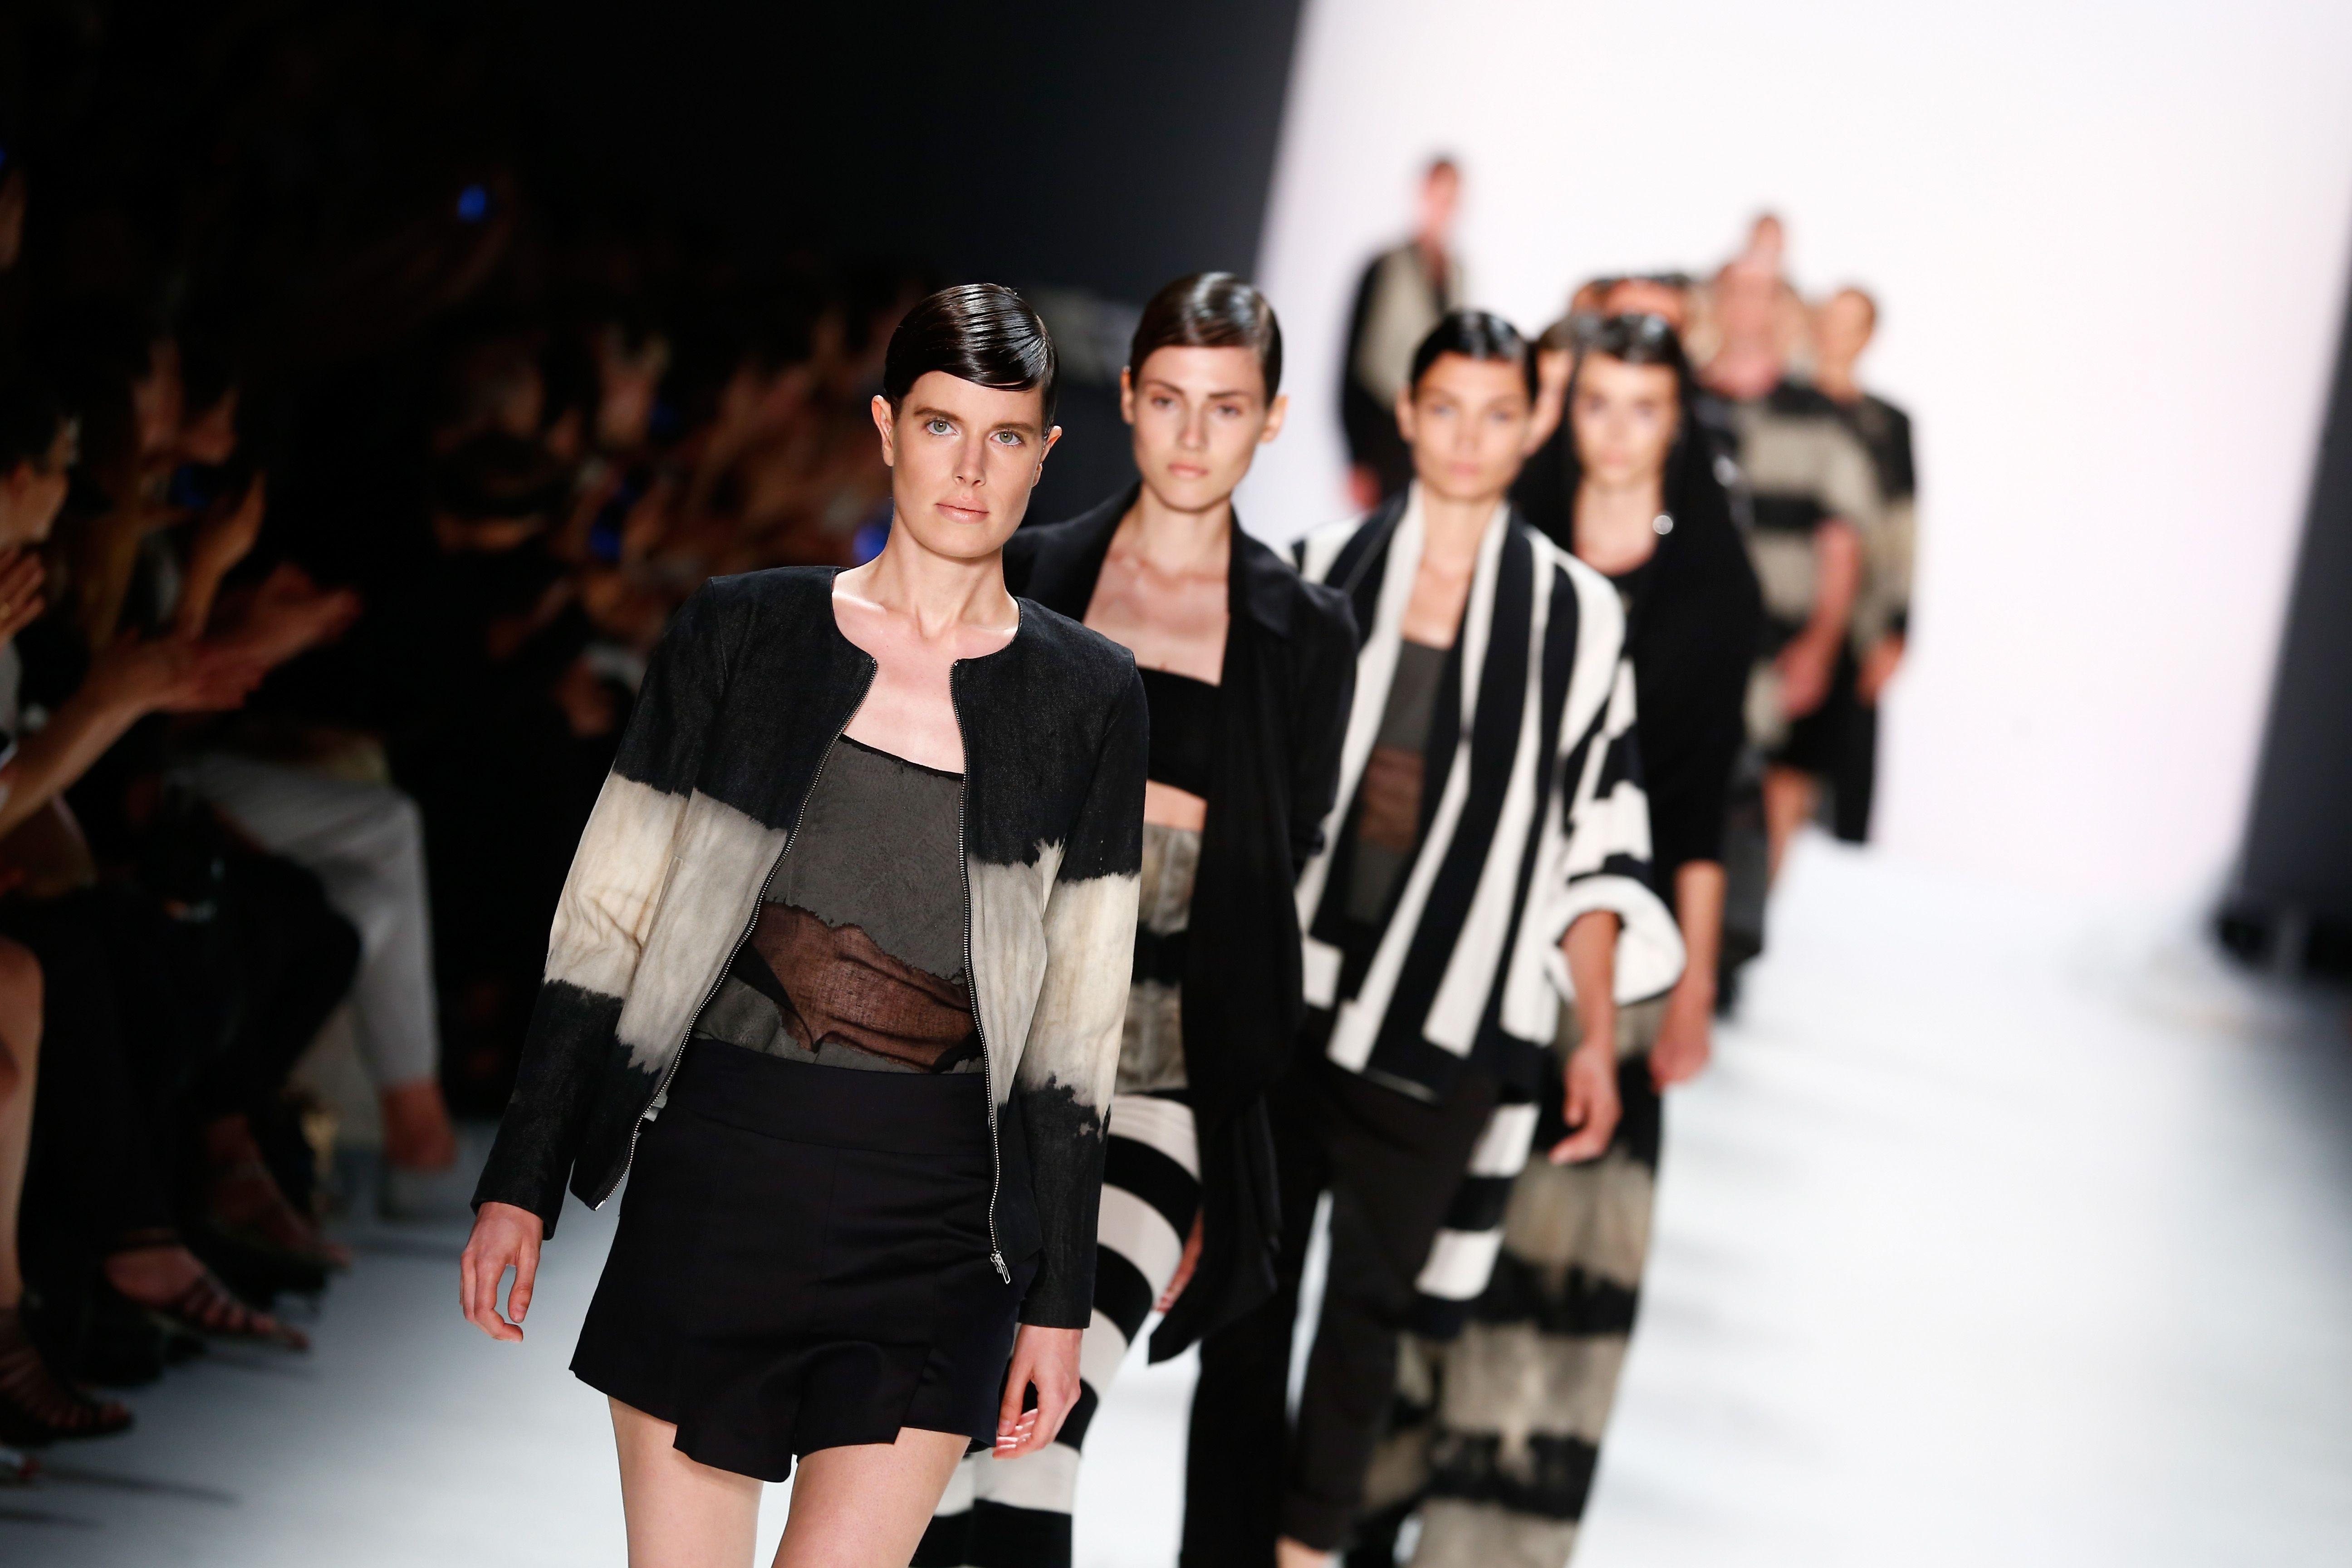 berlin fashion week, androgyny